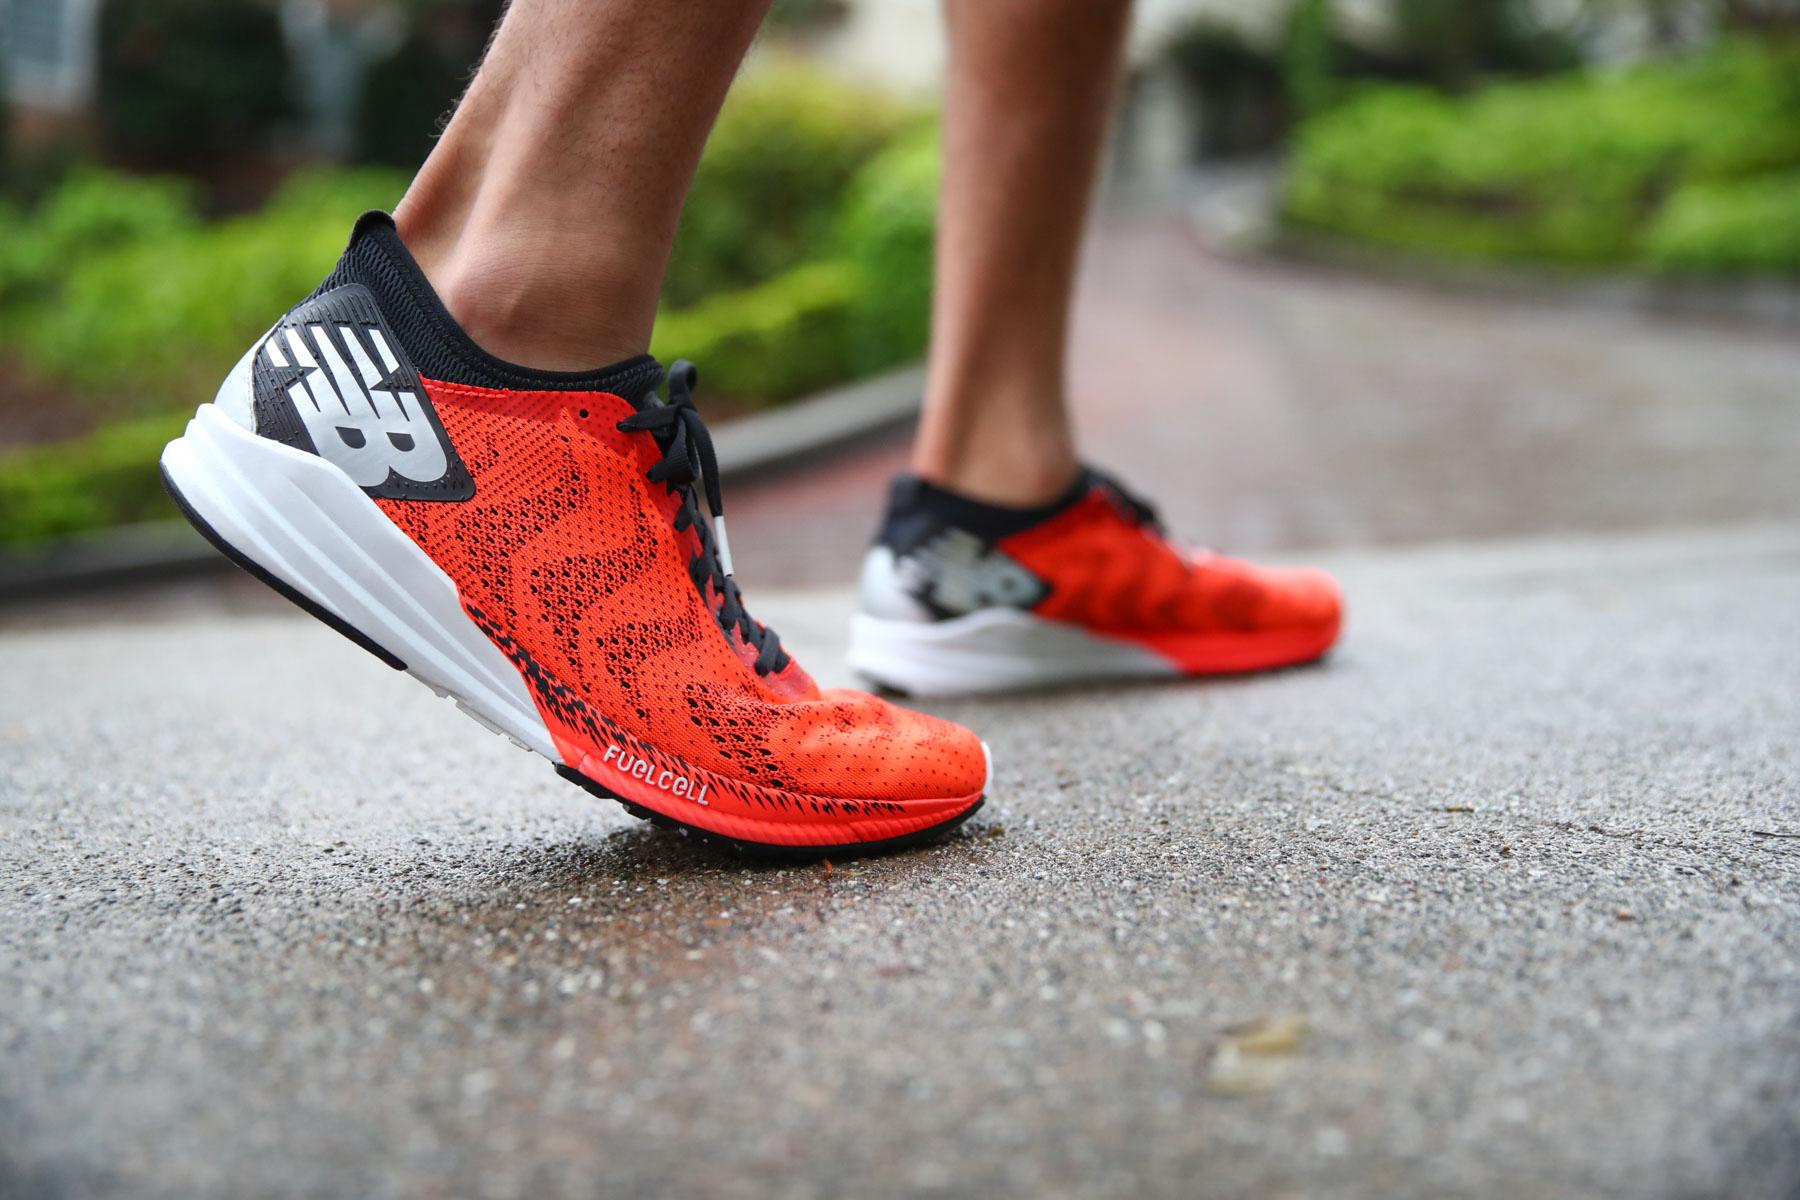 Con le ali ai piedi, runner come moderni Pegaso stile.it